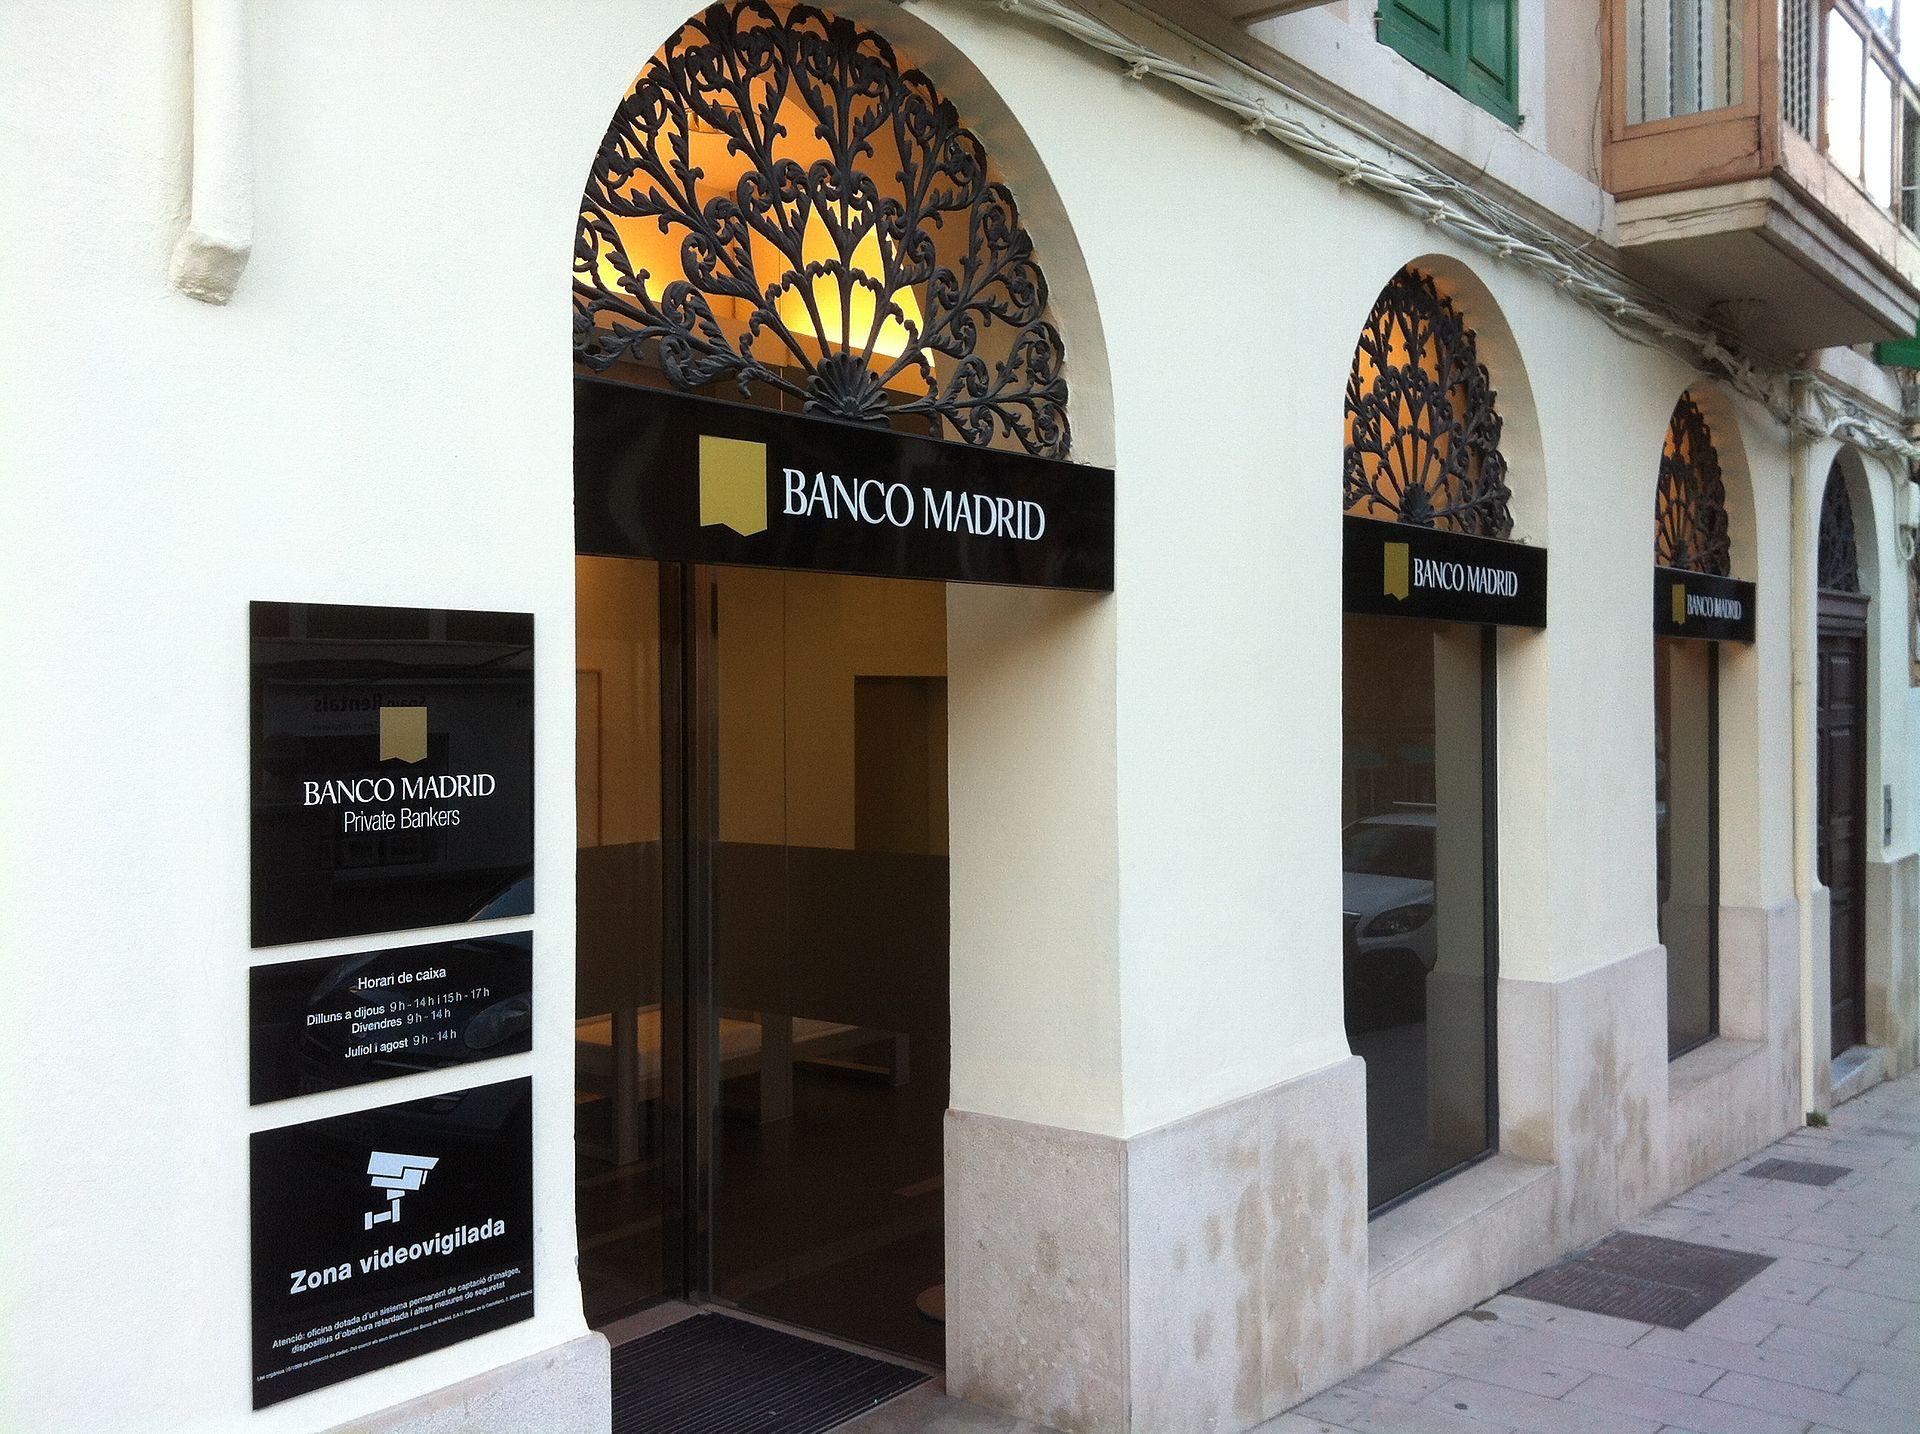 Banco de madrid viquip dia l 39 enciclop dia lliure for Oficinas banca march palma